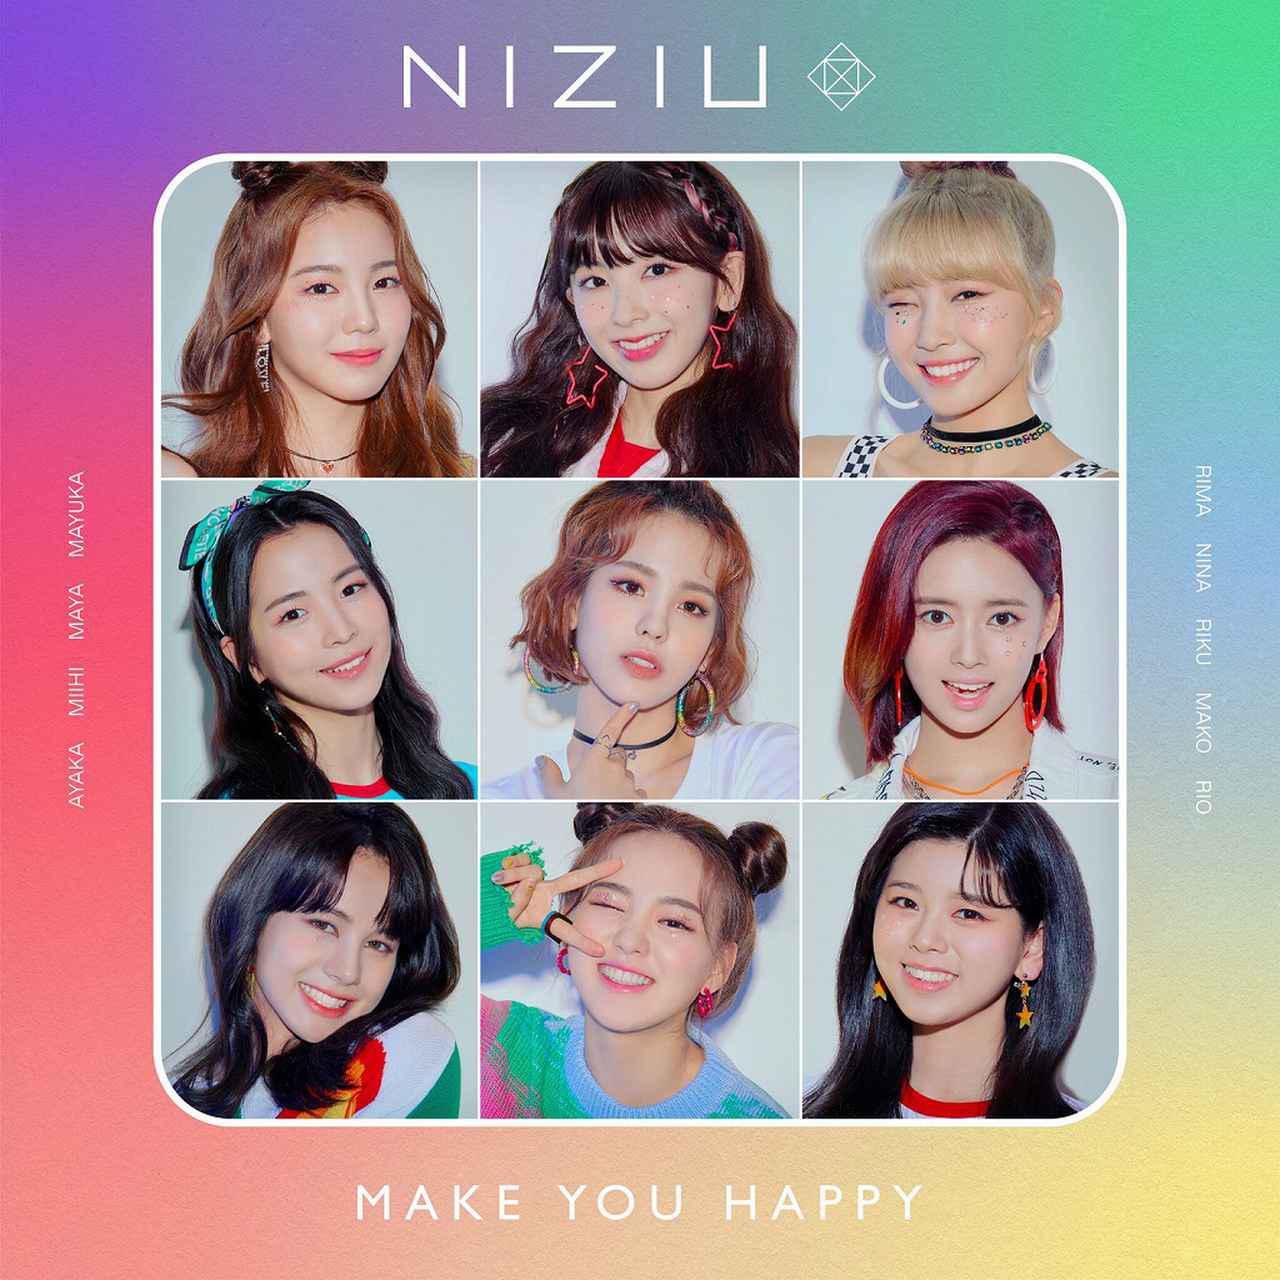 画像: Make you happy / NiziU